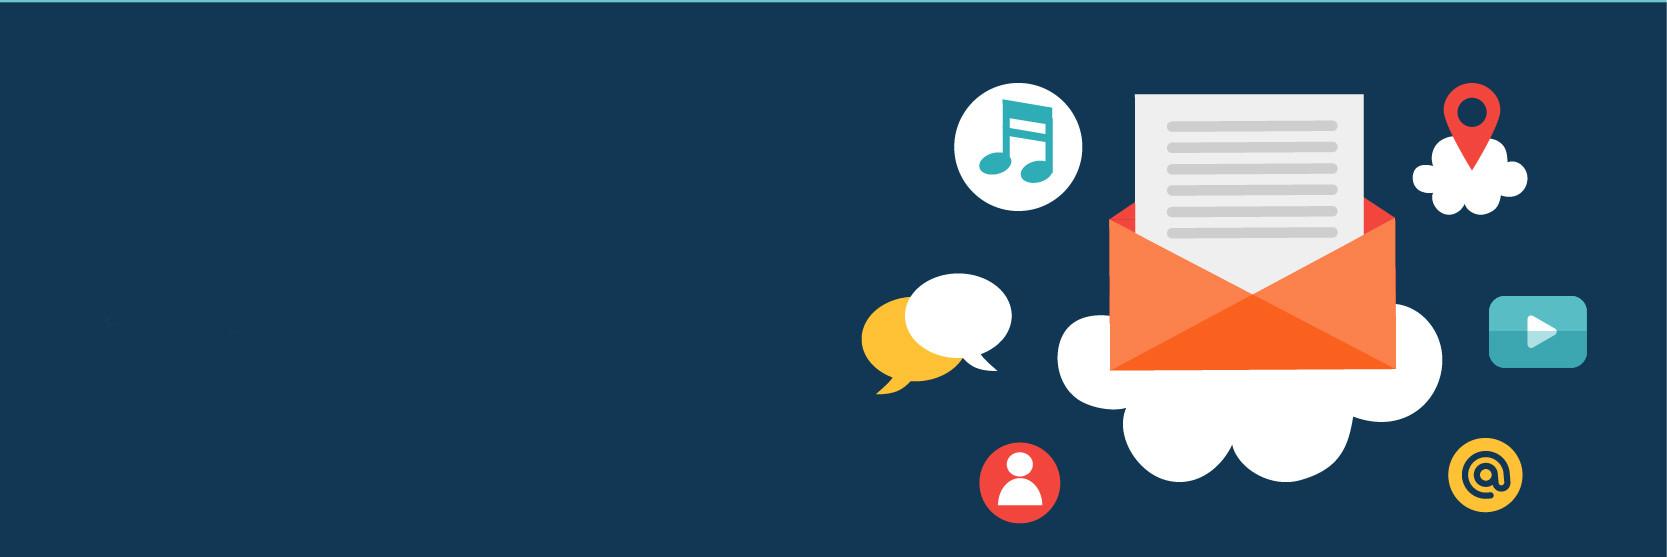 e-mail design templates e campanhas